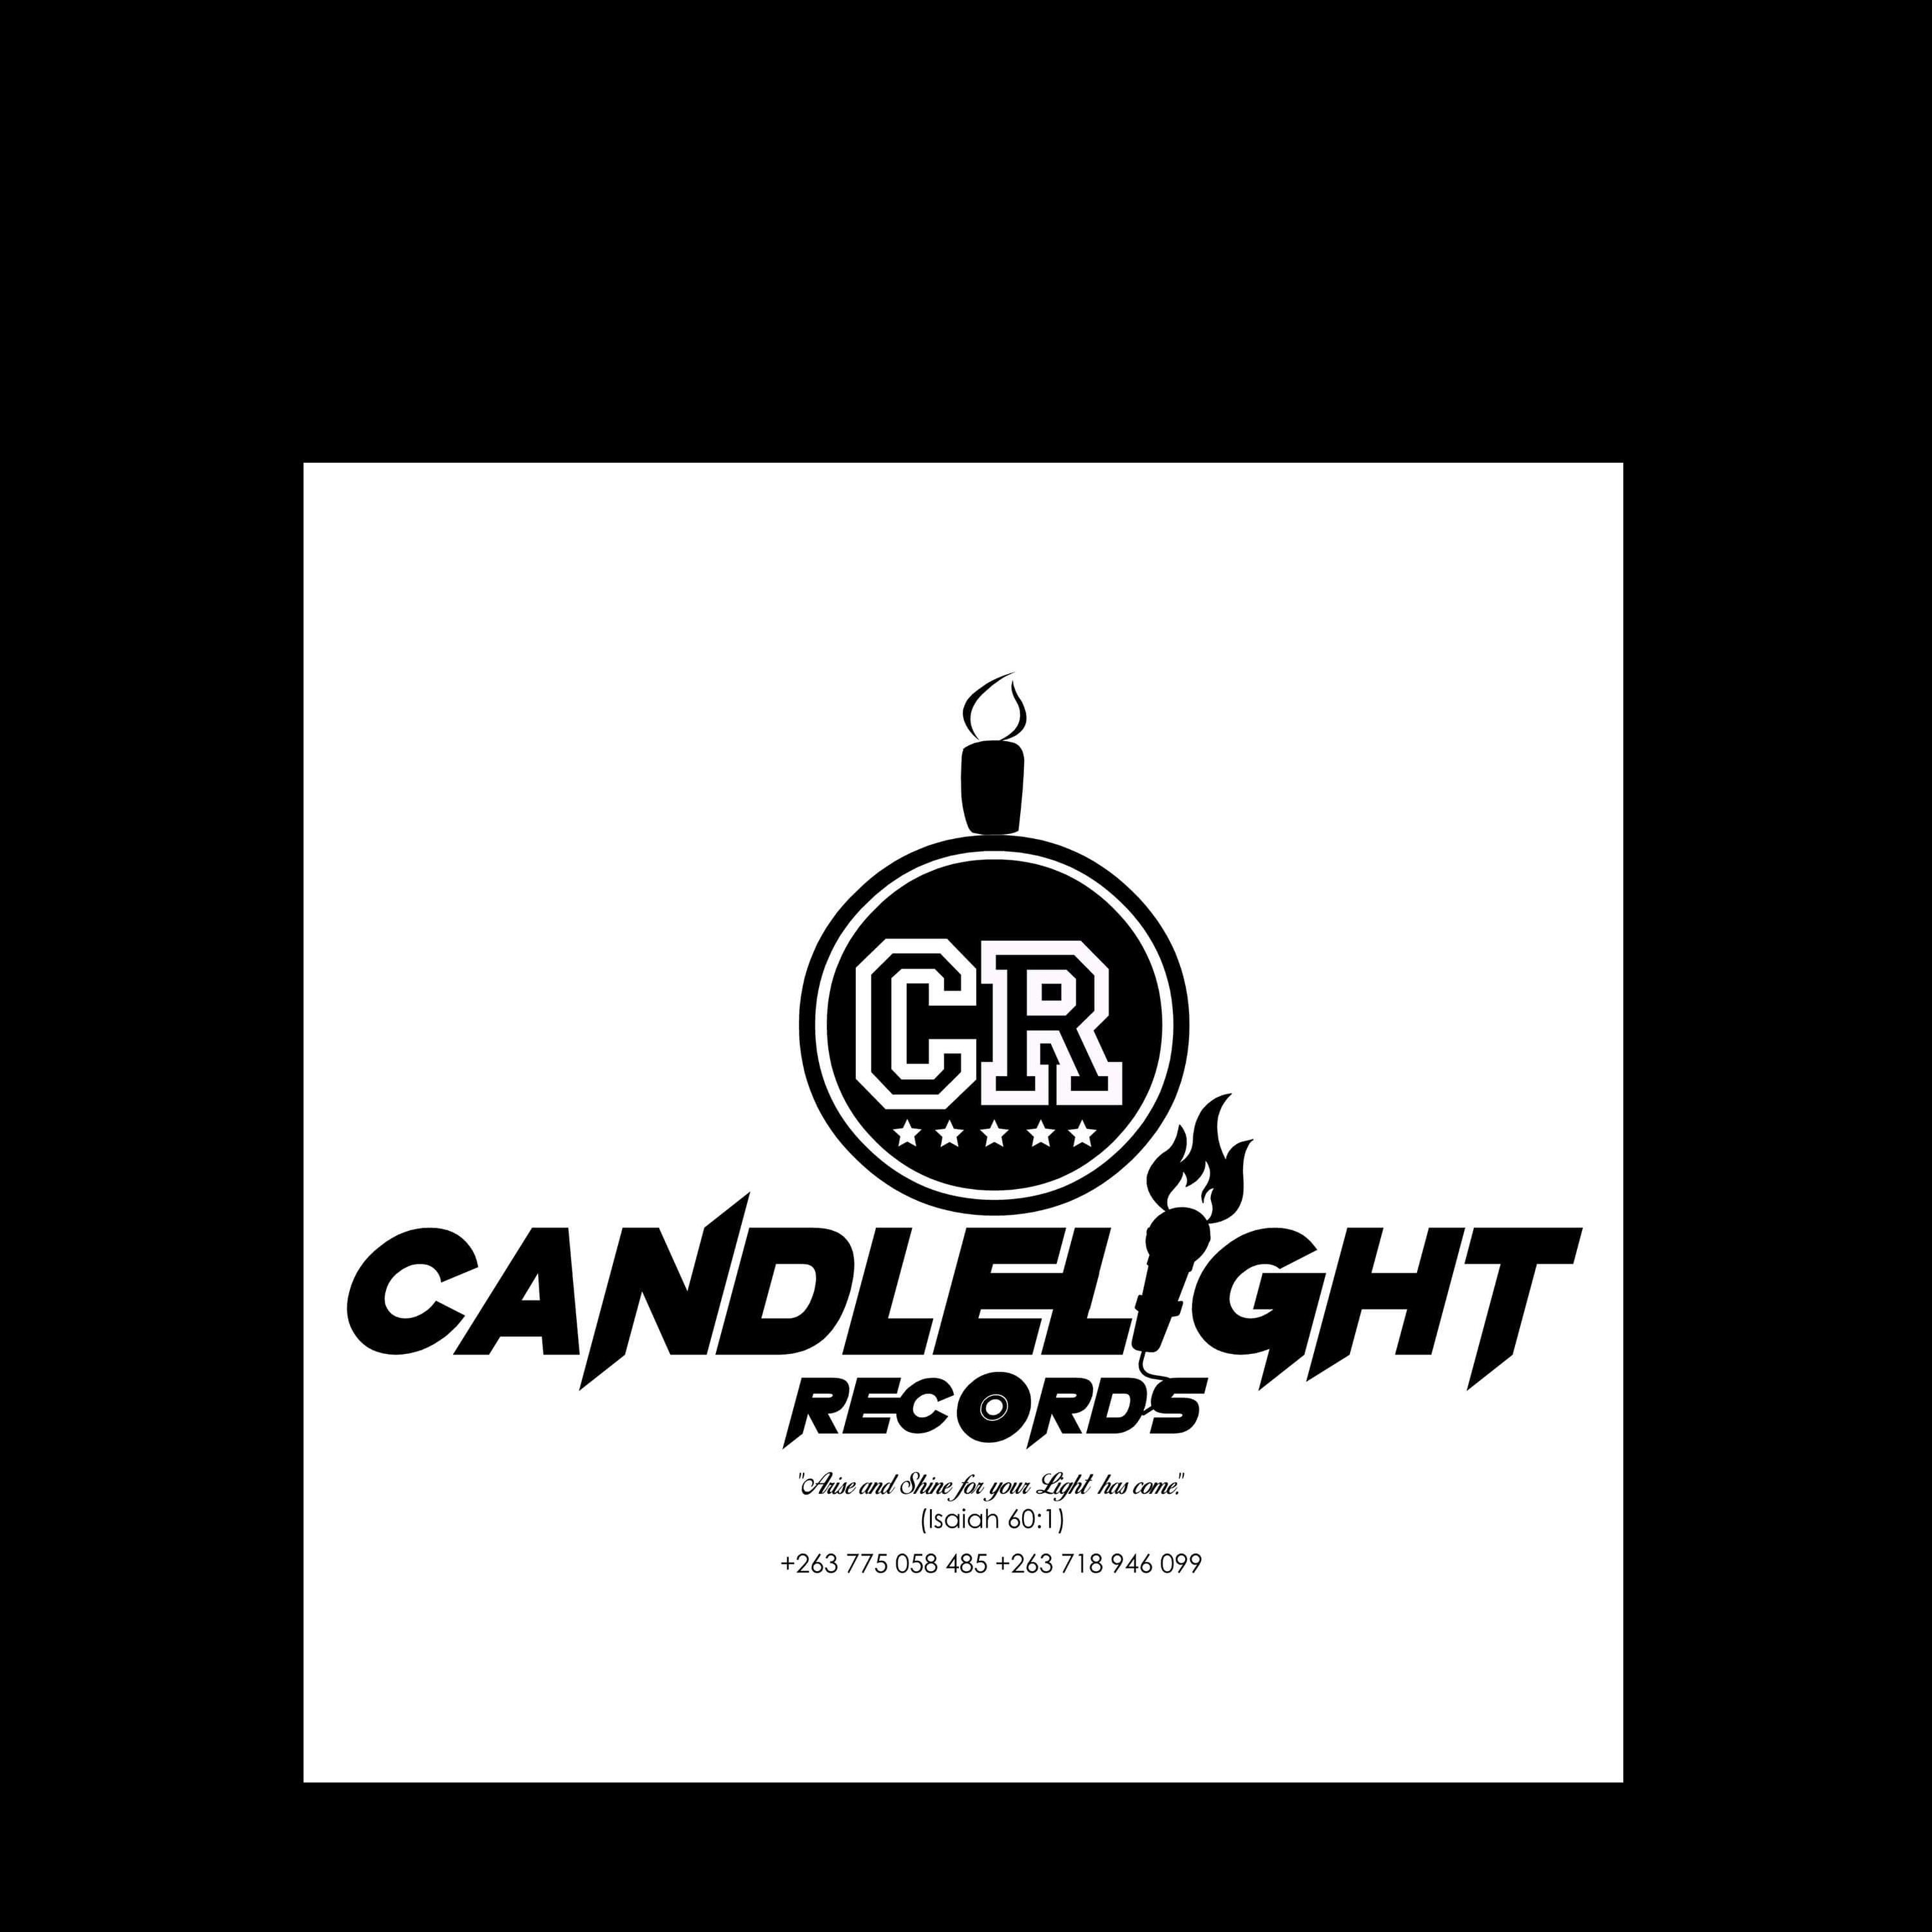 Candlelight Records Zimbabwe Online Radio